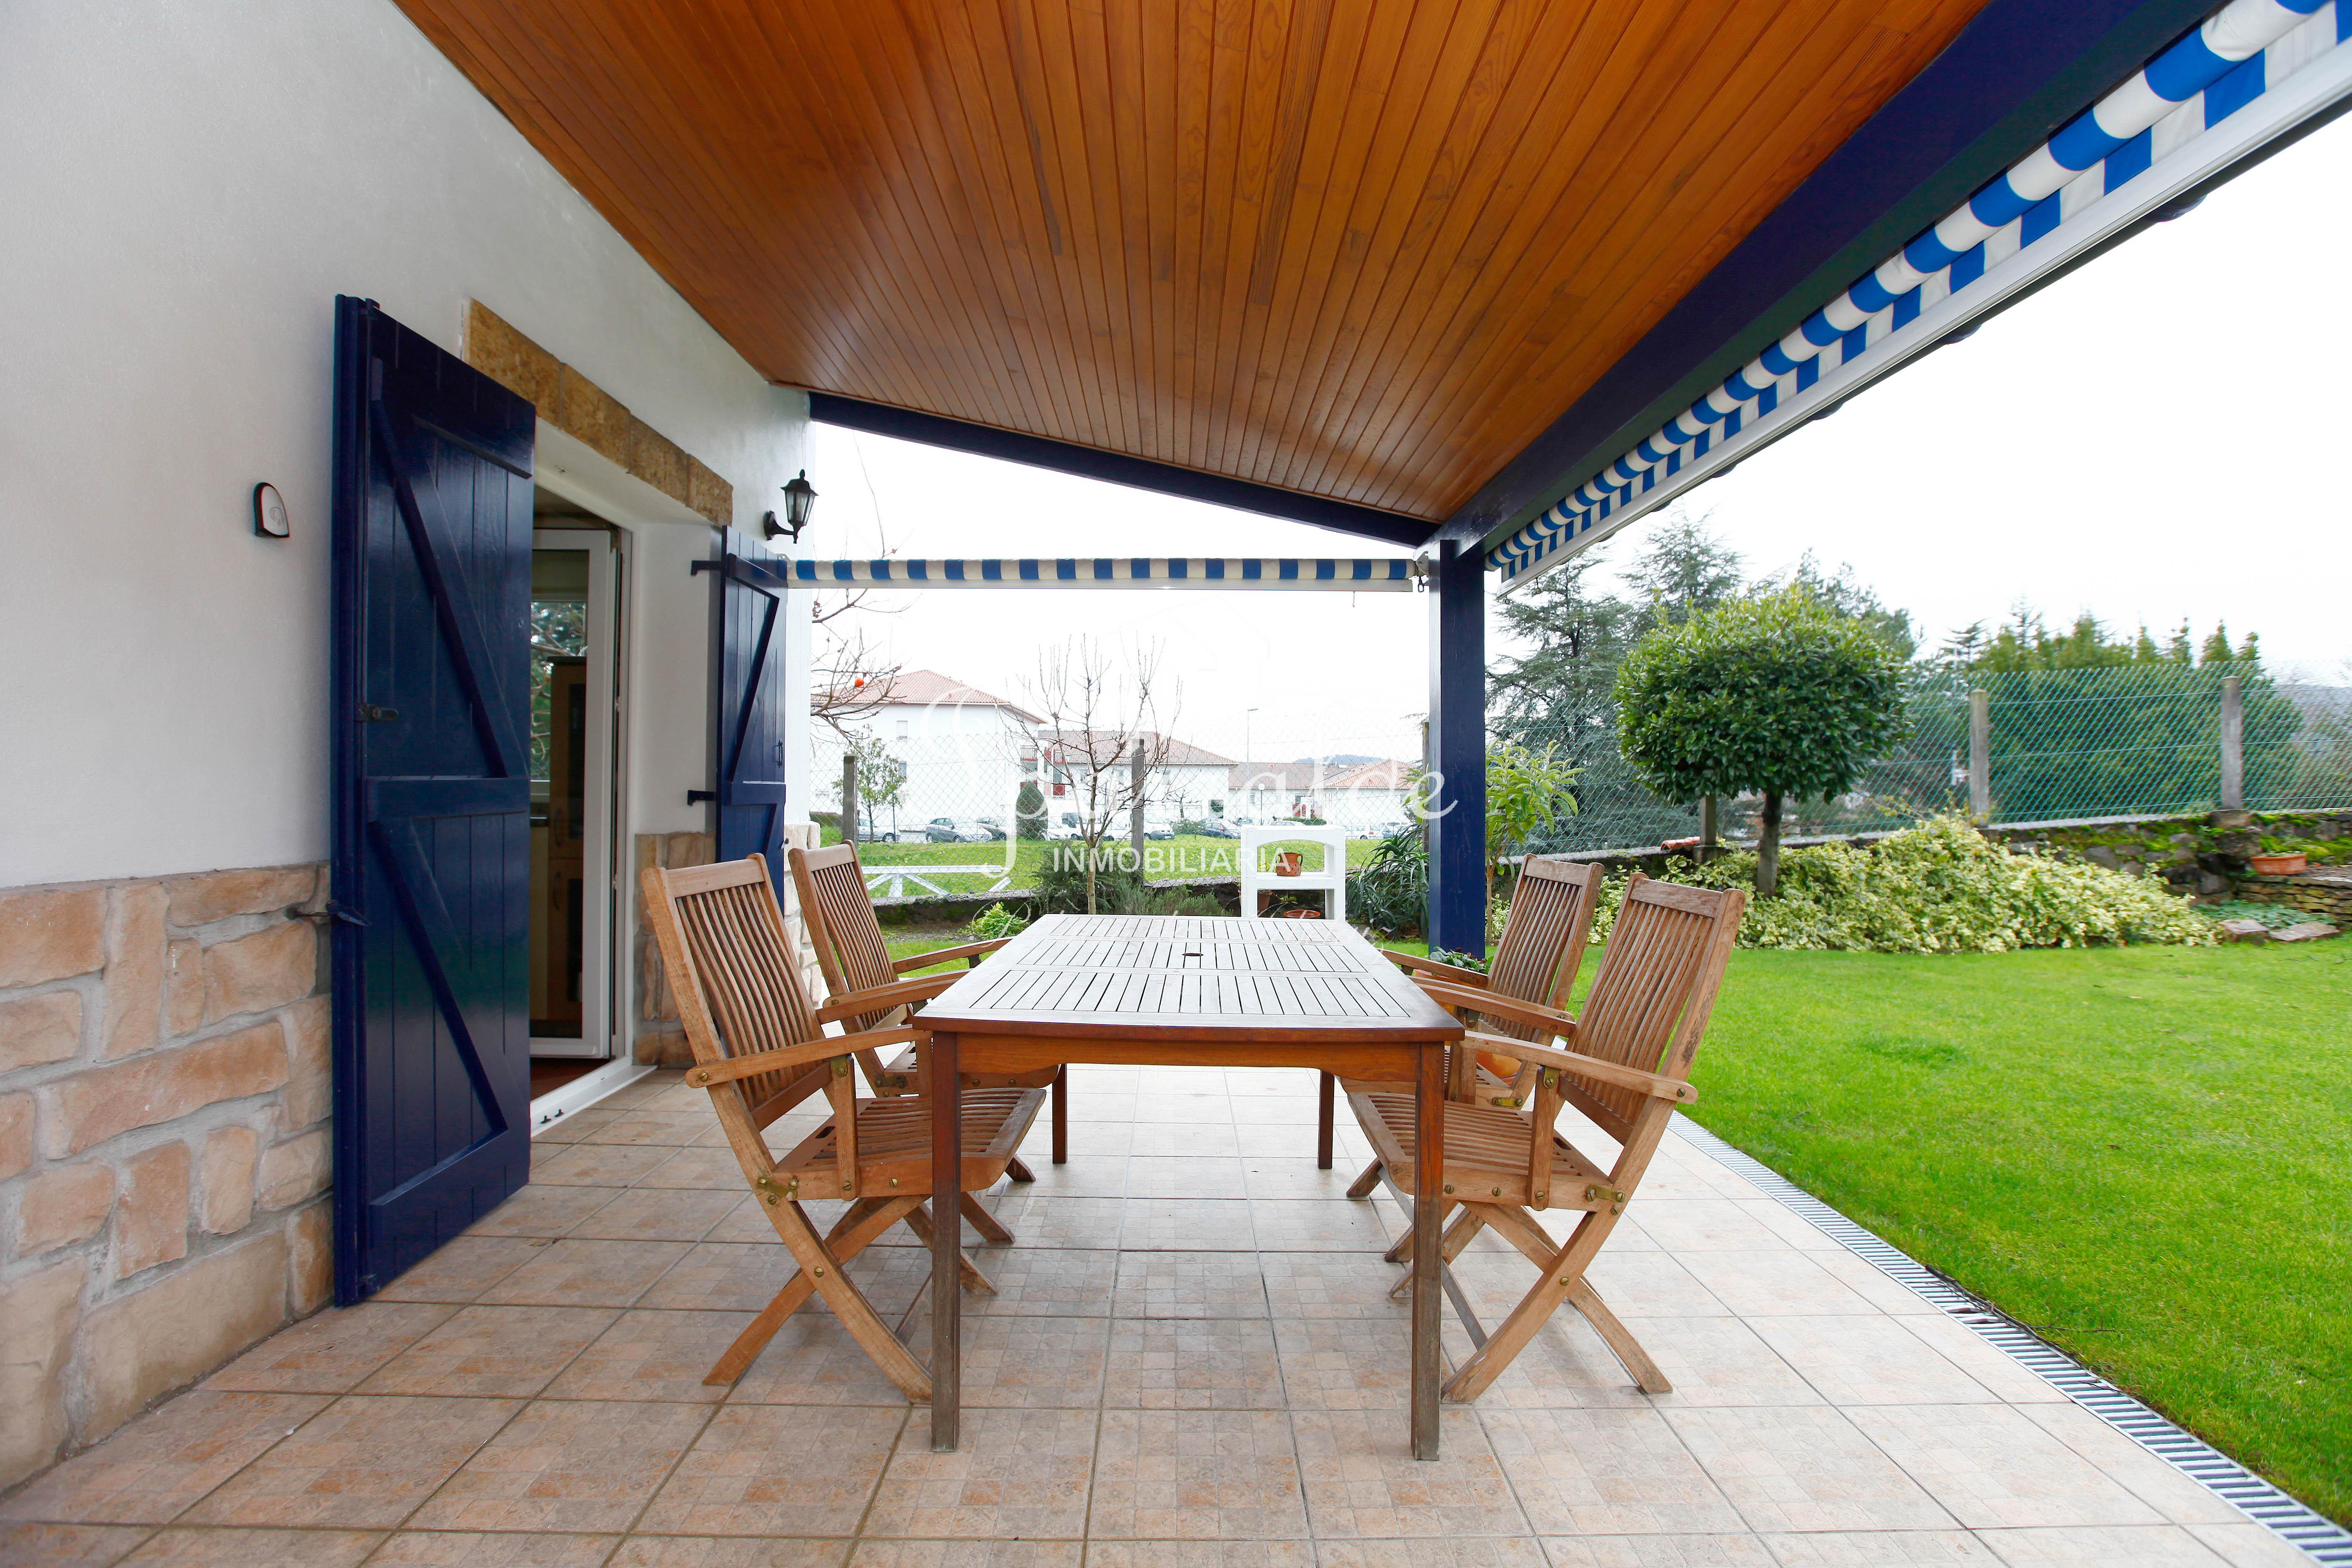 Maison individuelle de style basque située proche des commerces.  Co...